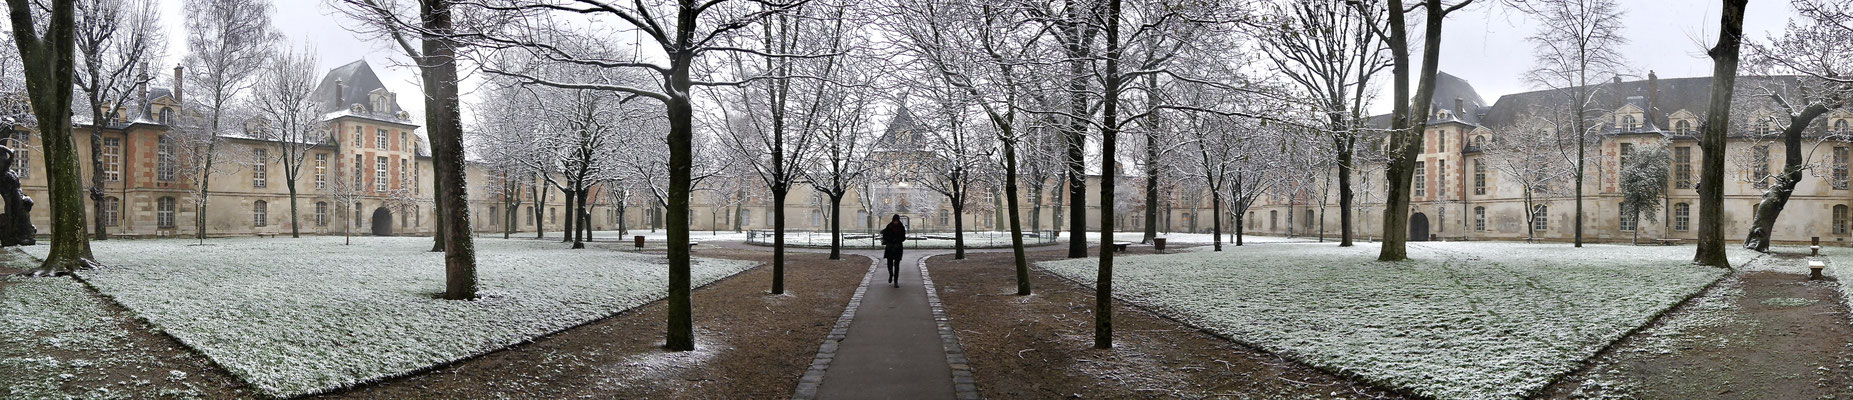 Panorama, Neige, jardin de l 'Hôpital Saint Louis, 75010 Paris, F,